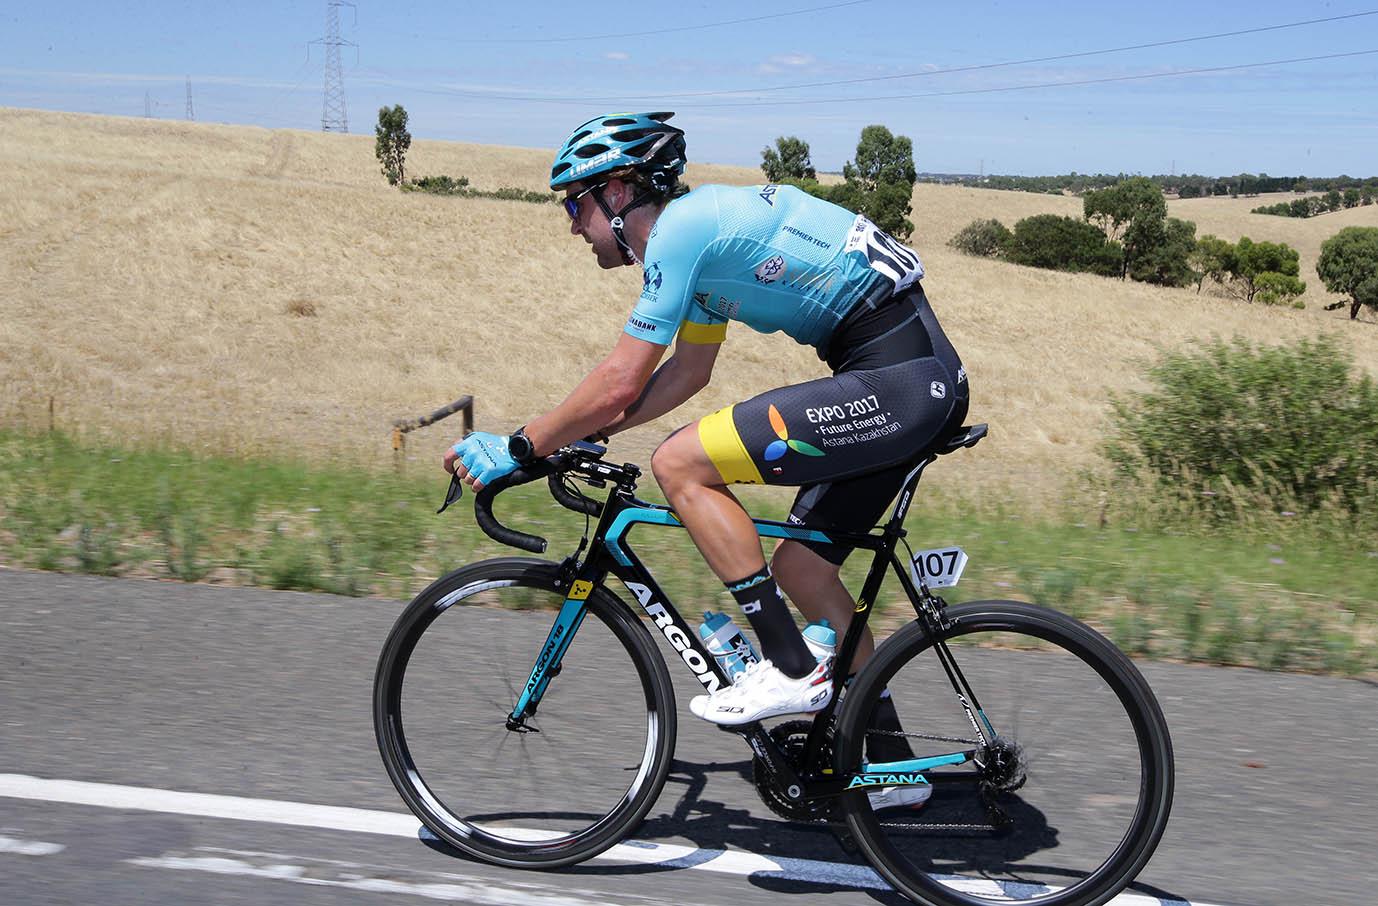 Astana rider Laurens De Vreese in his breakaway